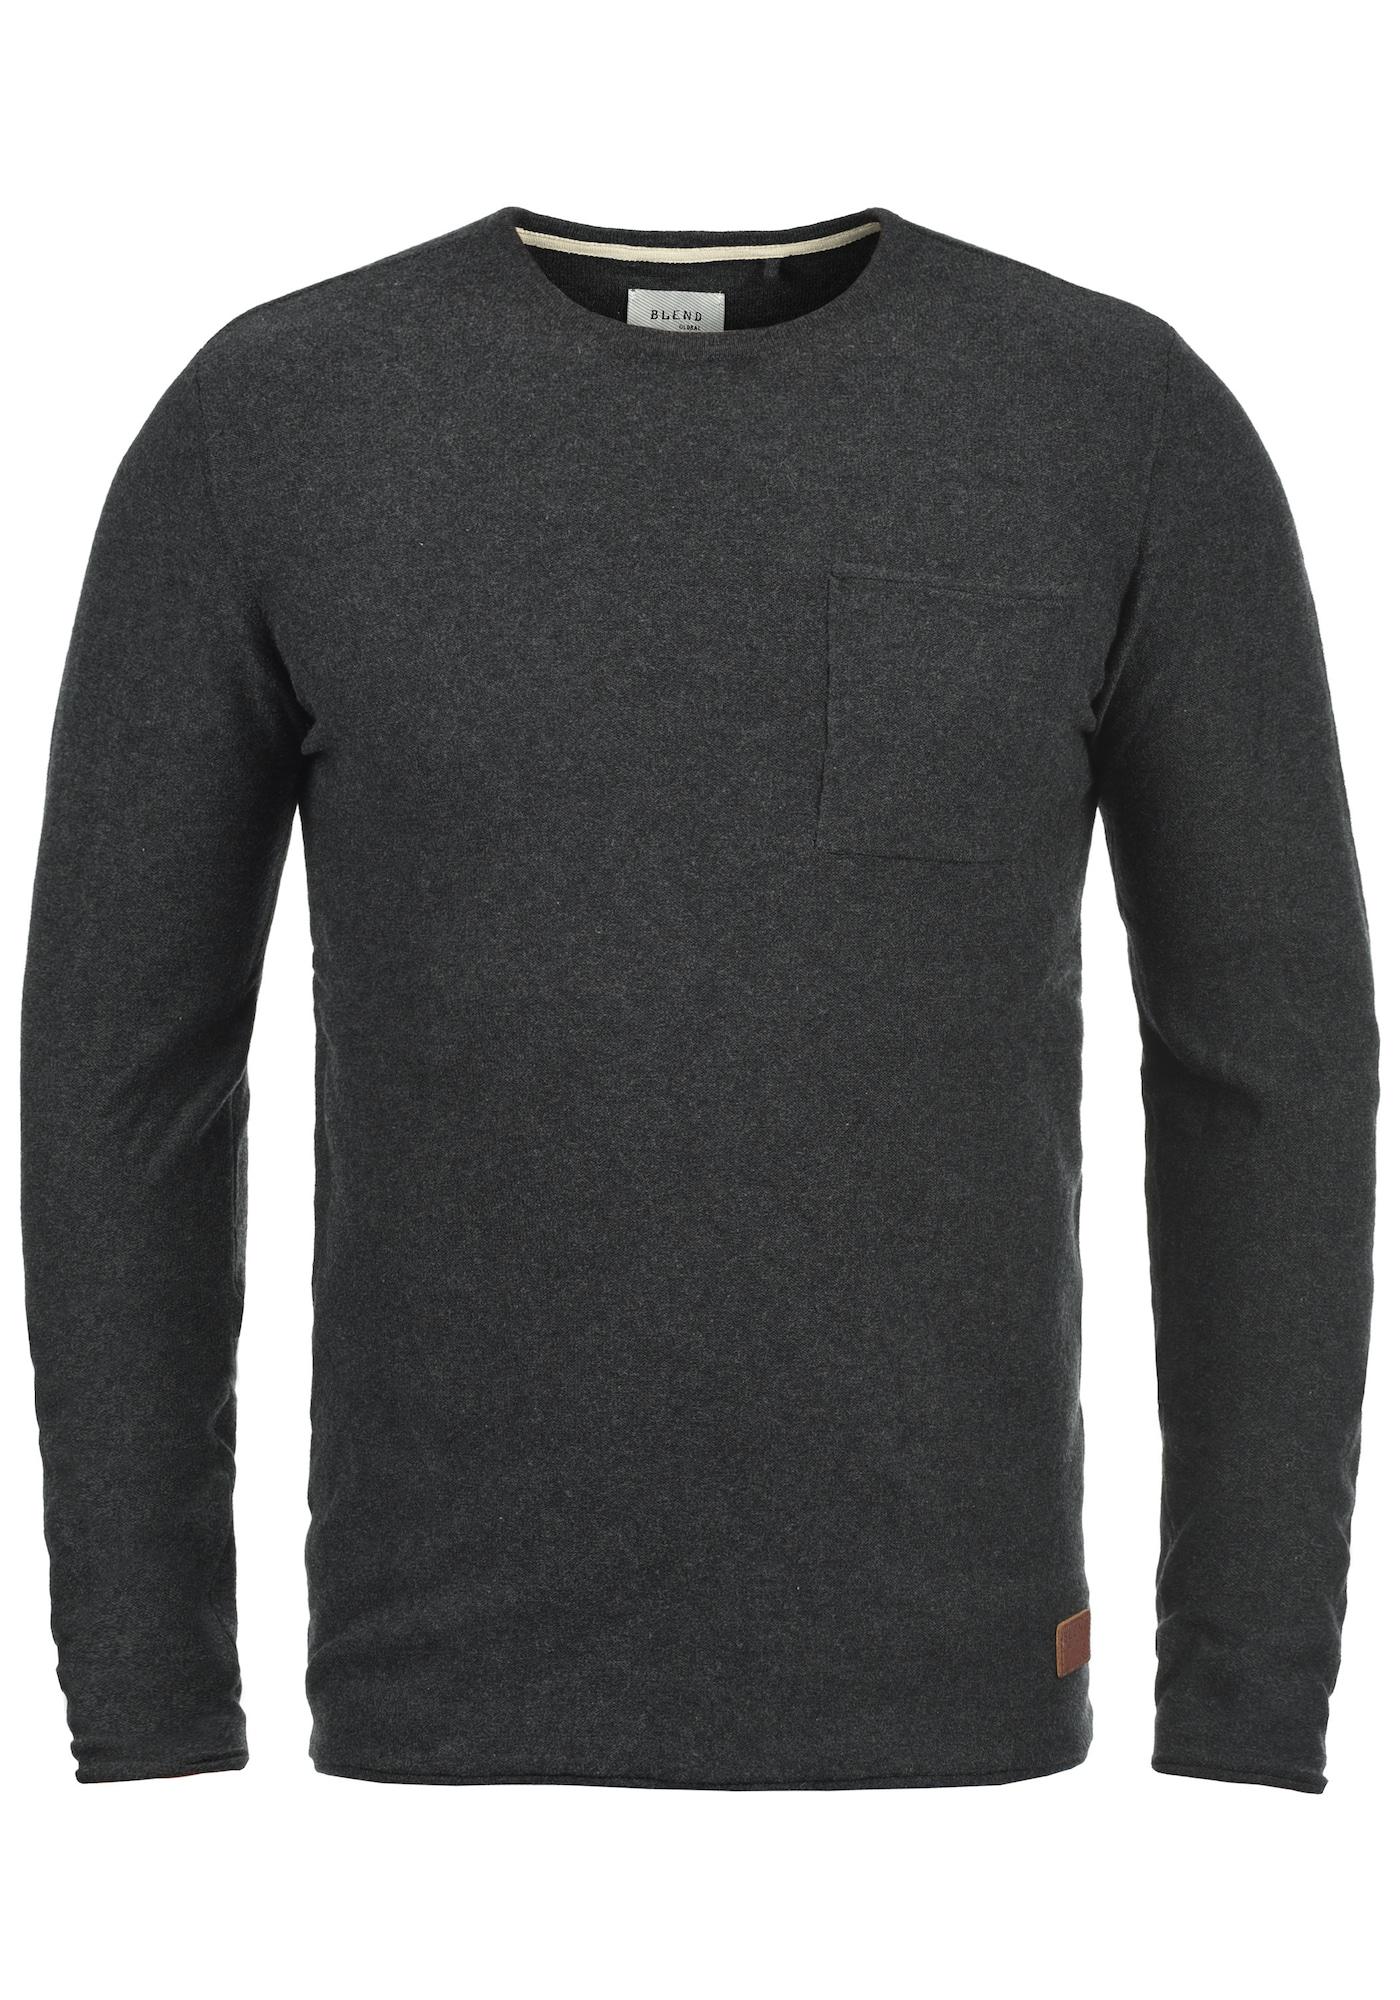 Rundhalspullover 'Francisco'   Bekleidung > Pullover > Rundhalspullover   Blend